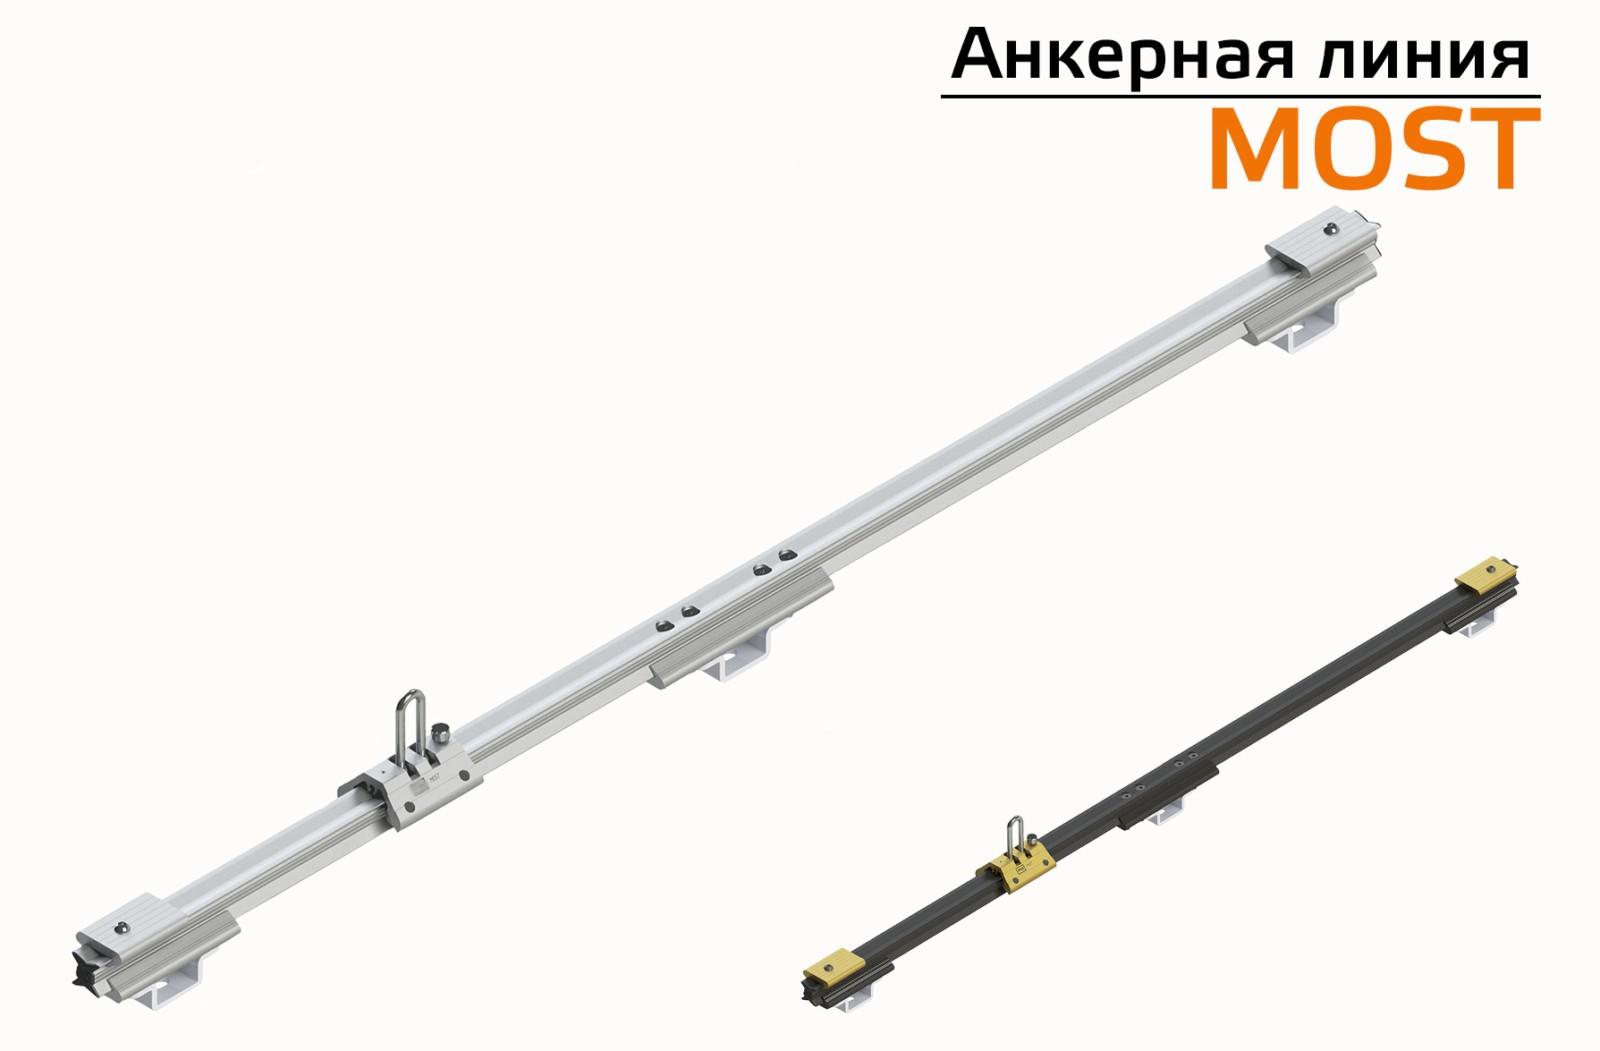 ГТ Горизонтальная жесткая анкерная линия MOST   High Safety   Высота СЗ